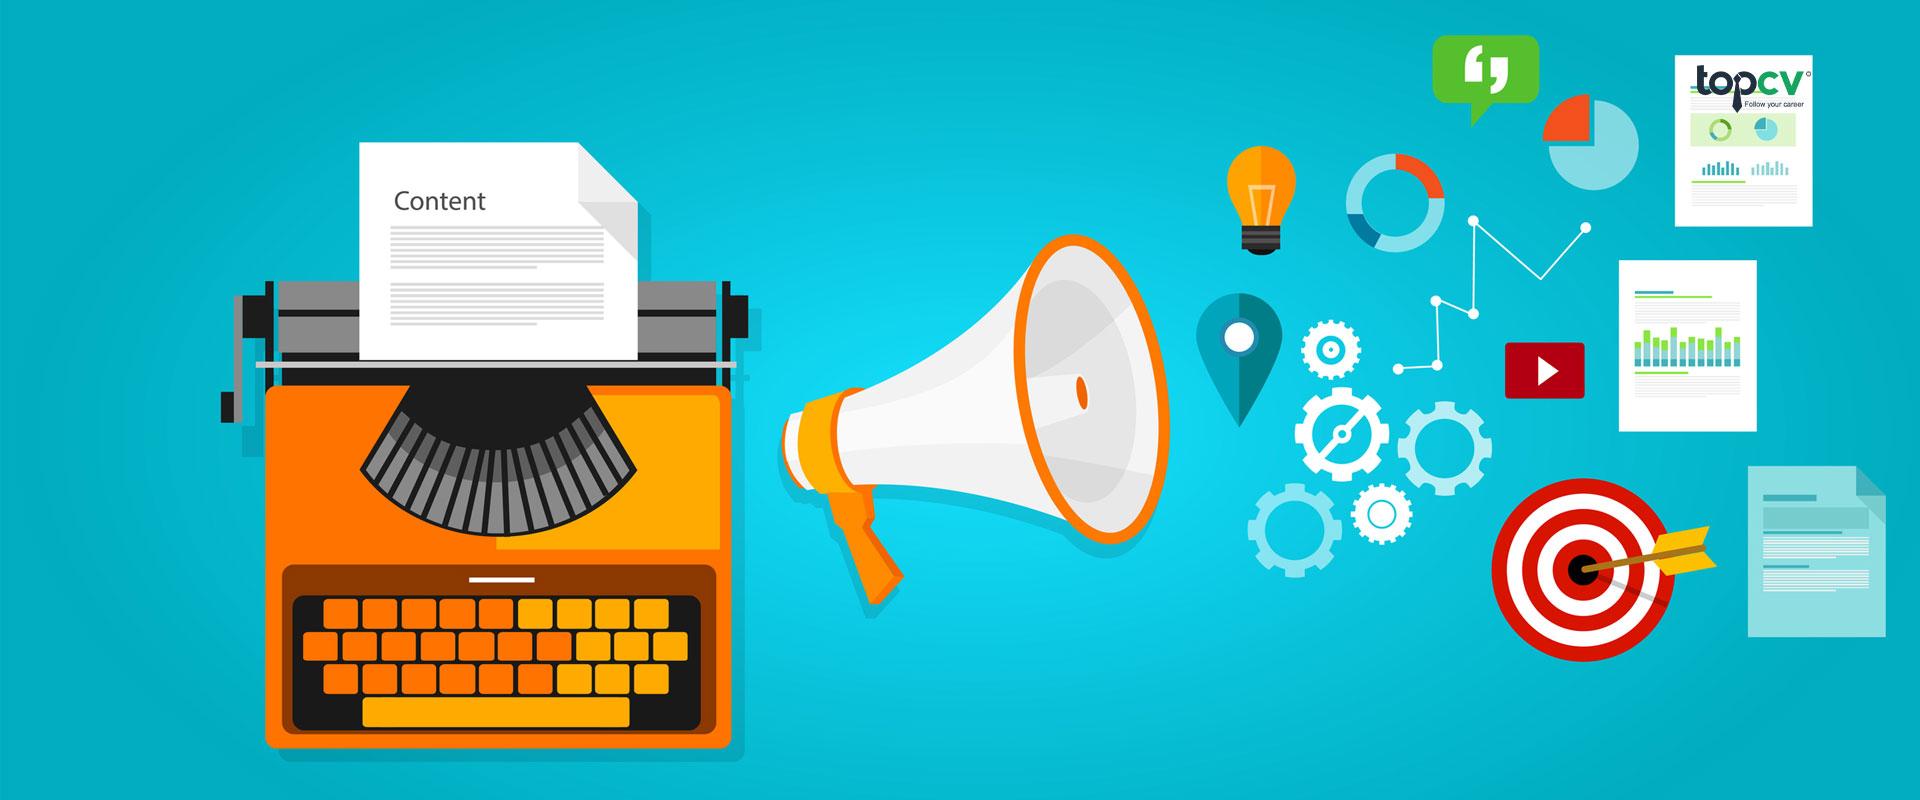 Nhân viên marketing online làm gì? Lương có cao không? - TopCV Blog